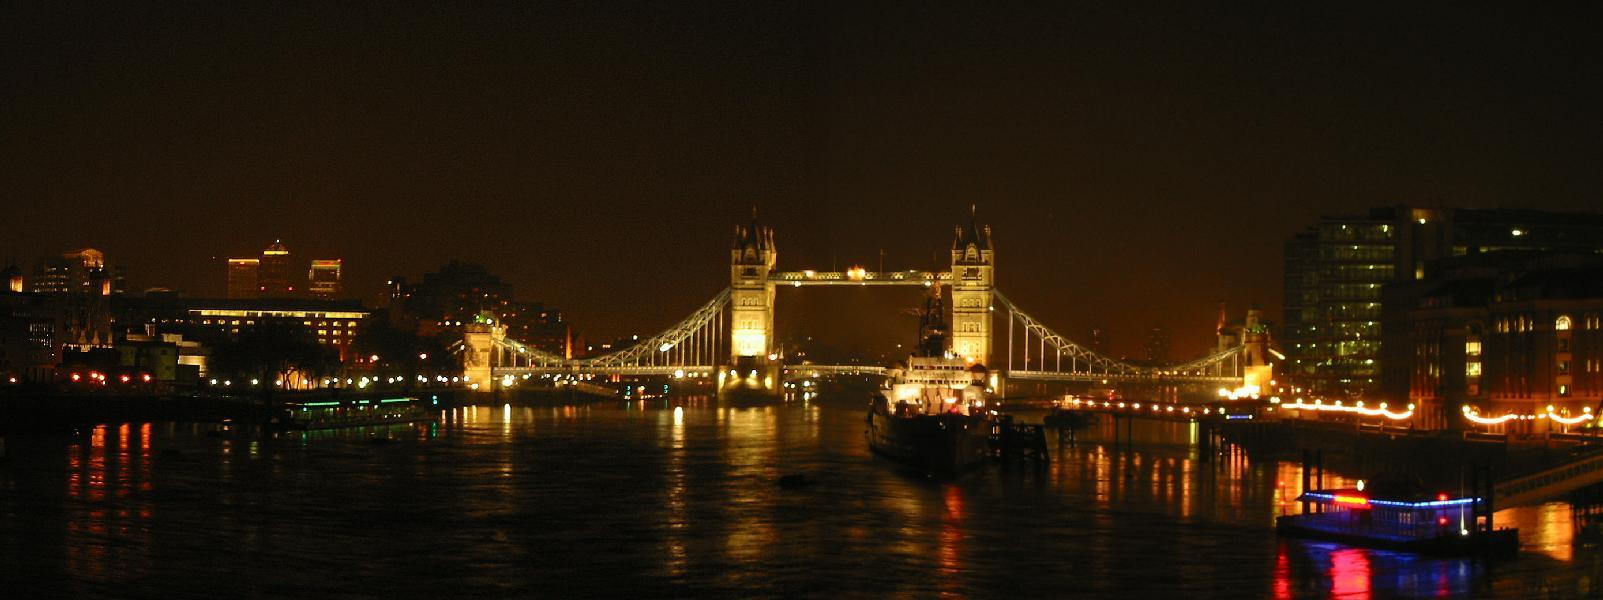 ロンドンブリッジのライトアップ